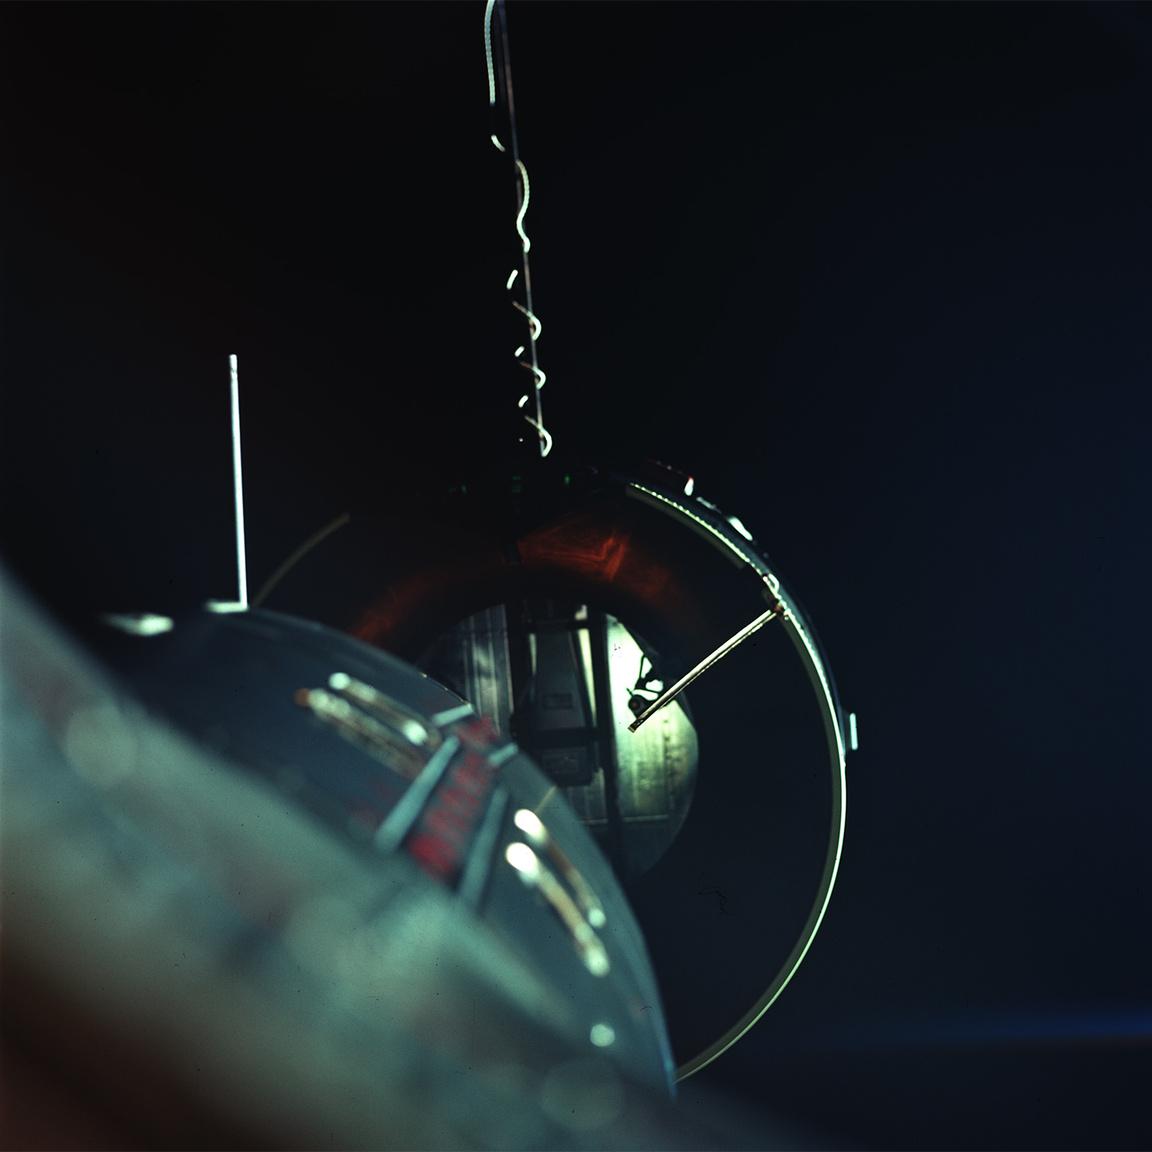 A meglehetősen izgalmasra sikerült Gemini-8 küldetés során készült kevés űrbéli fotó egyike, amin az Agena dokkolóberendezése látható a Gemini-8 jobb oldali ablakából fényképezve.